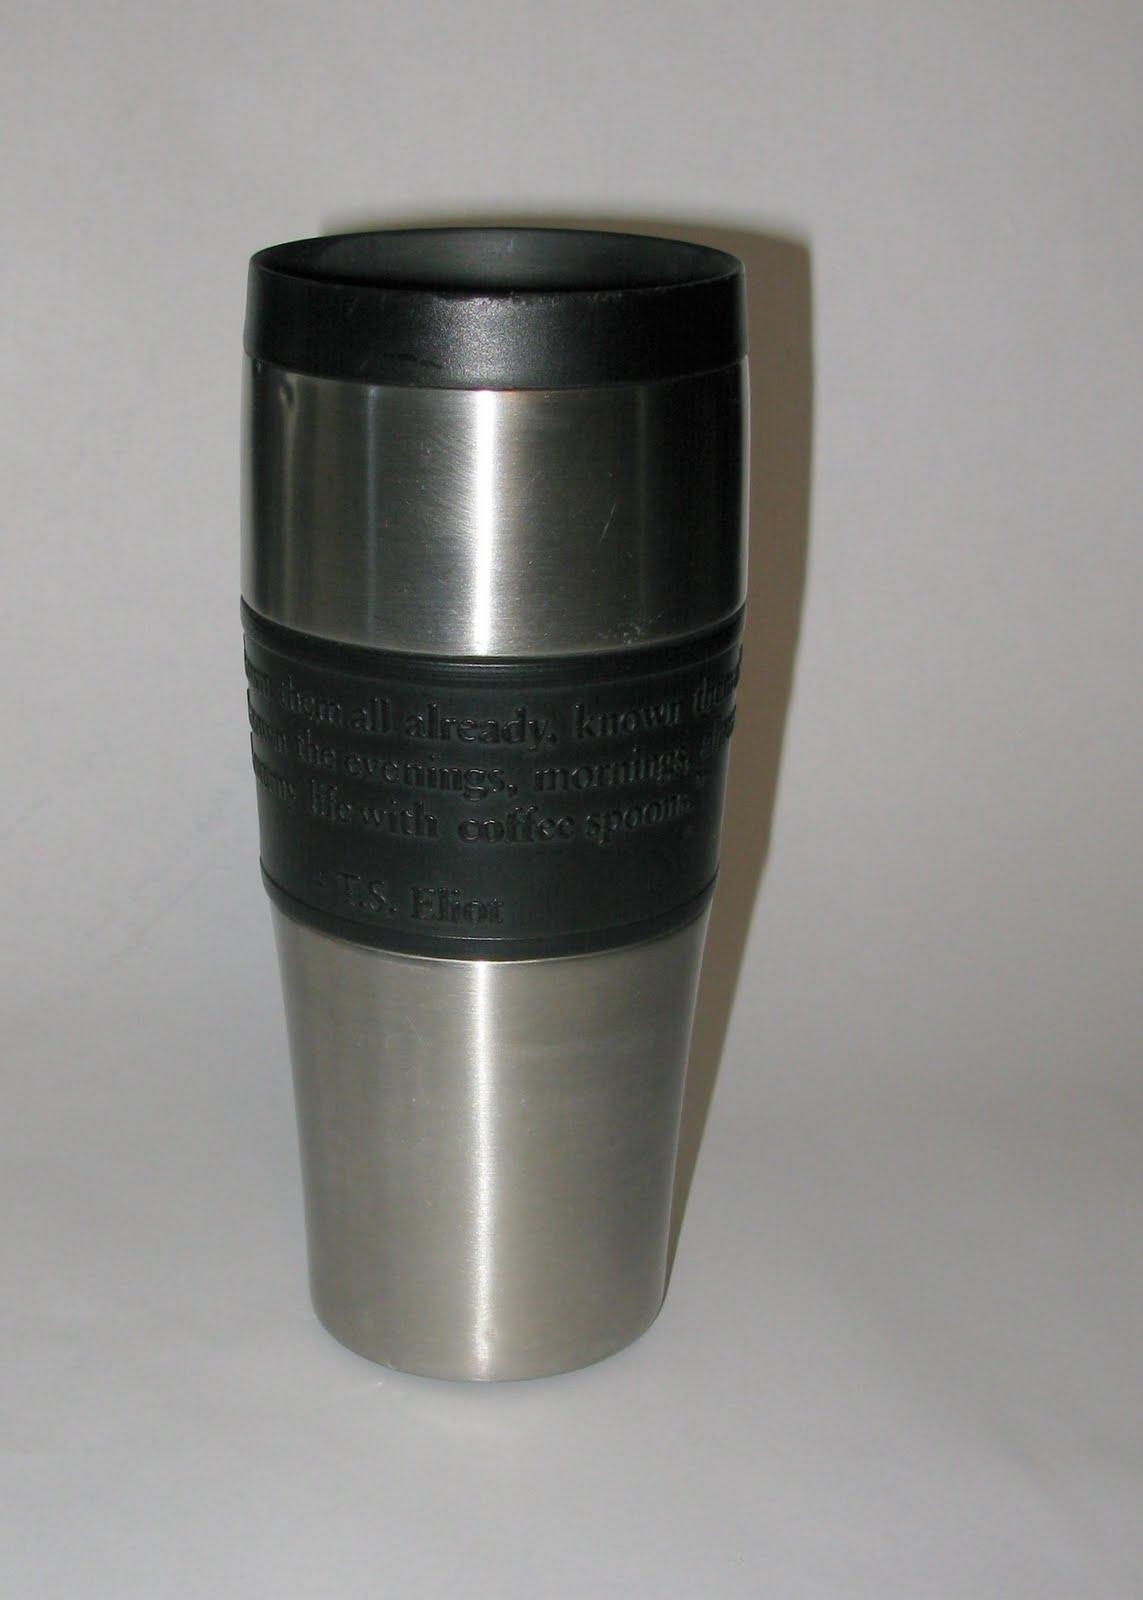 W4uoa Best Coffee Mug Ever